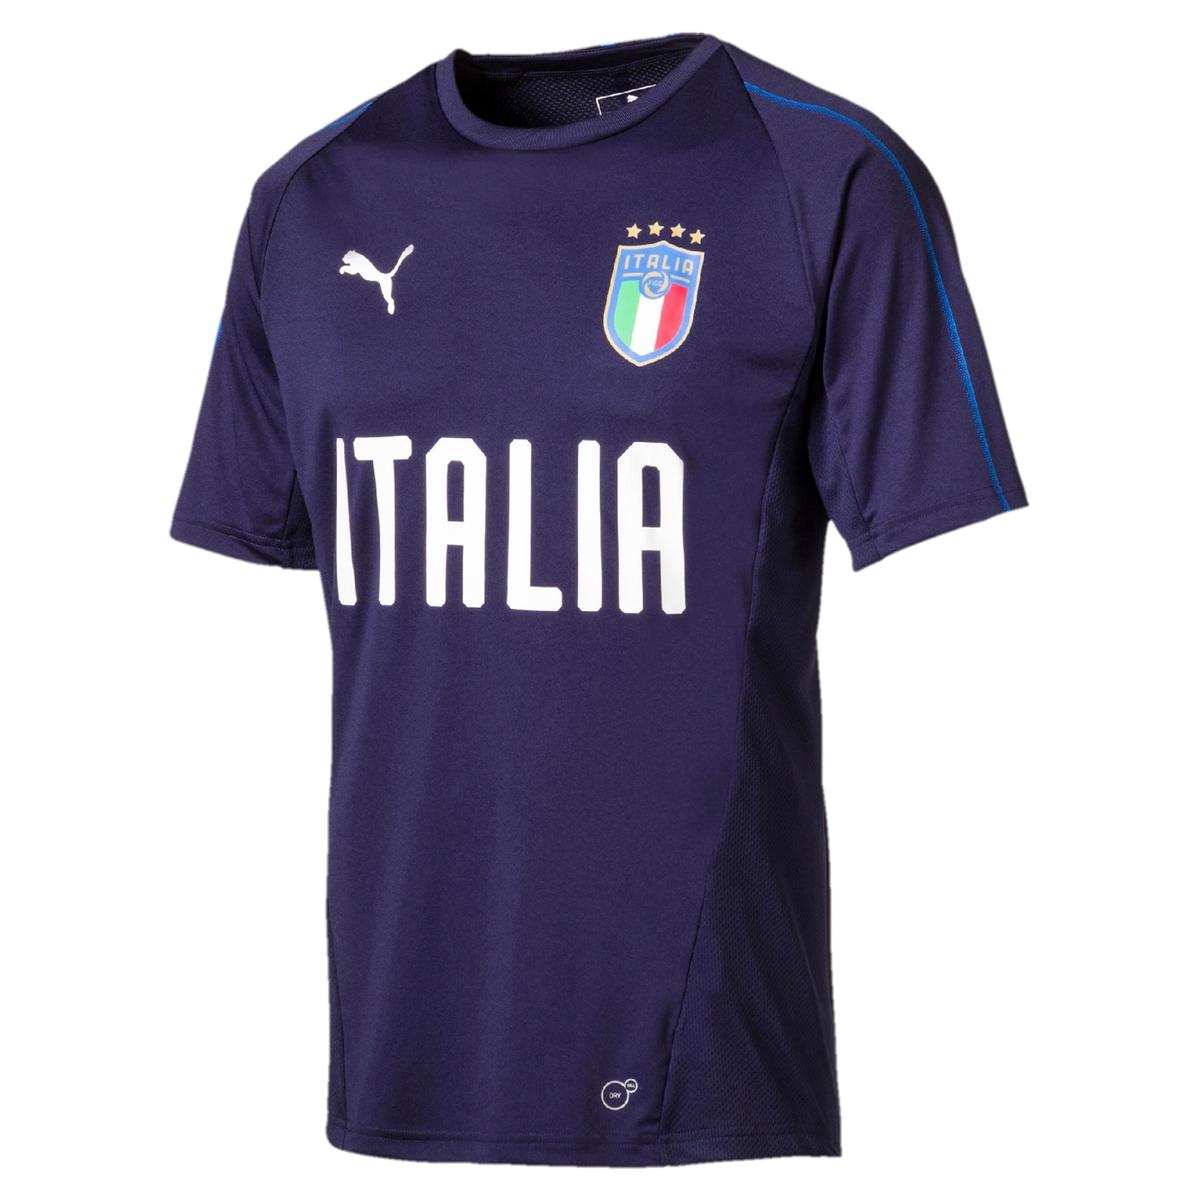 T-shirt da seleção Italiana